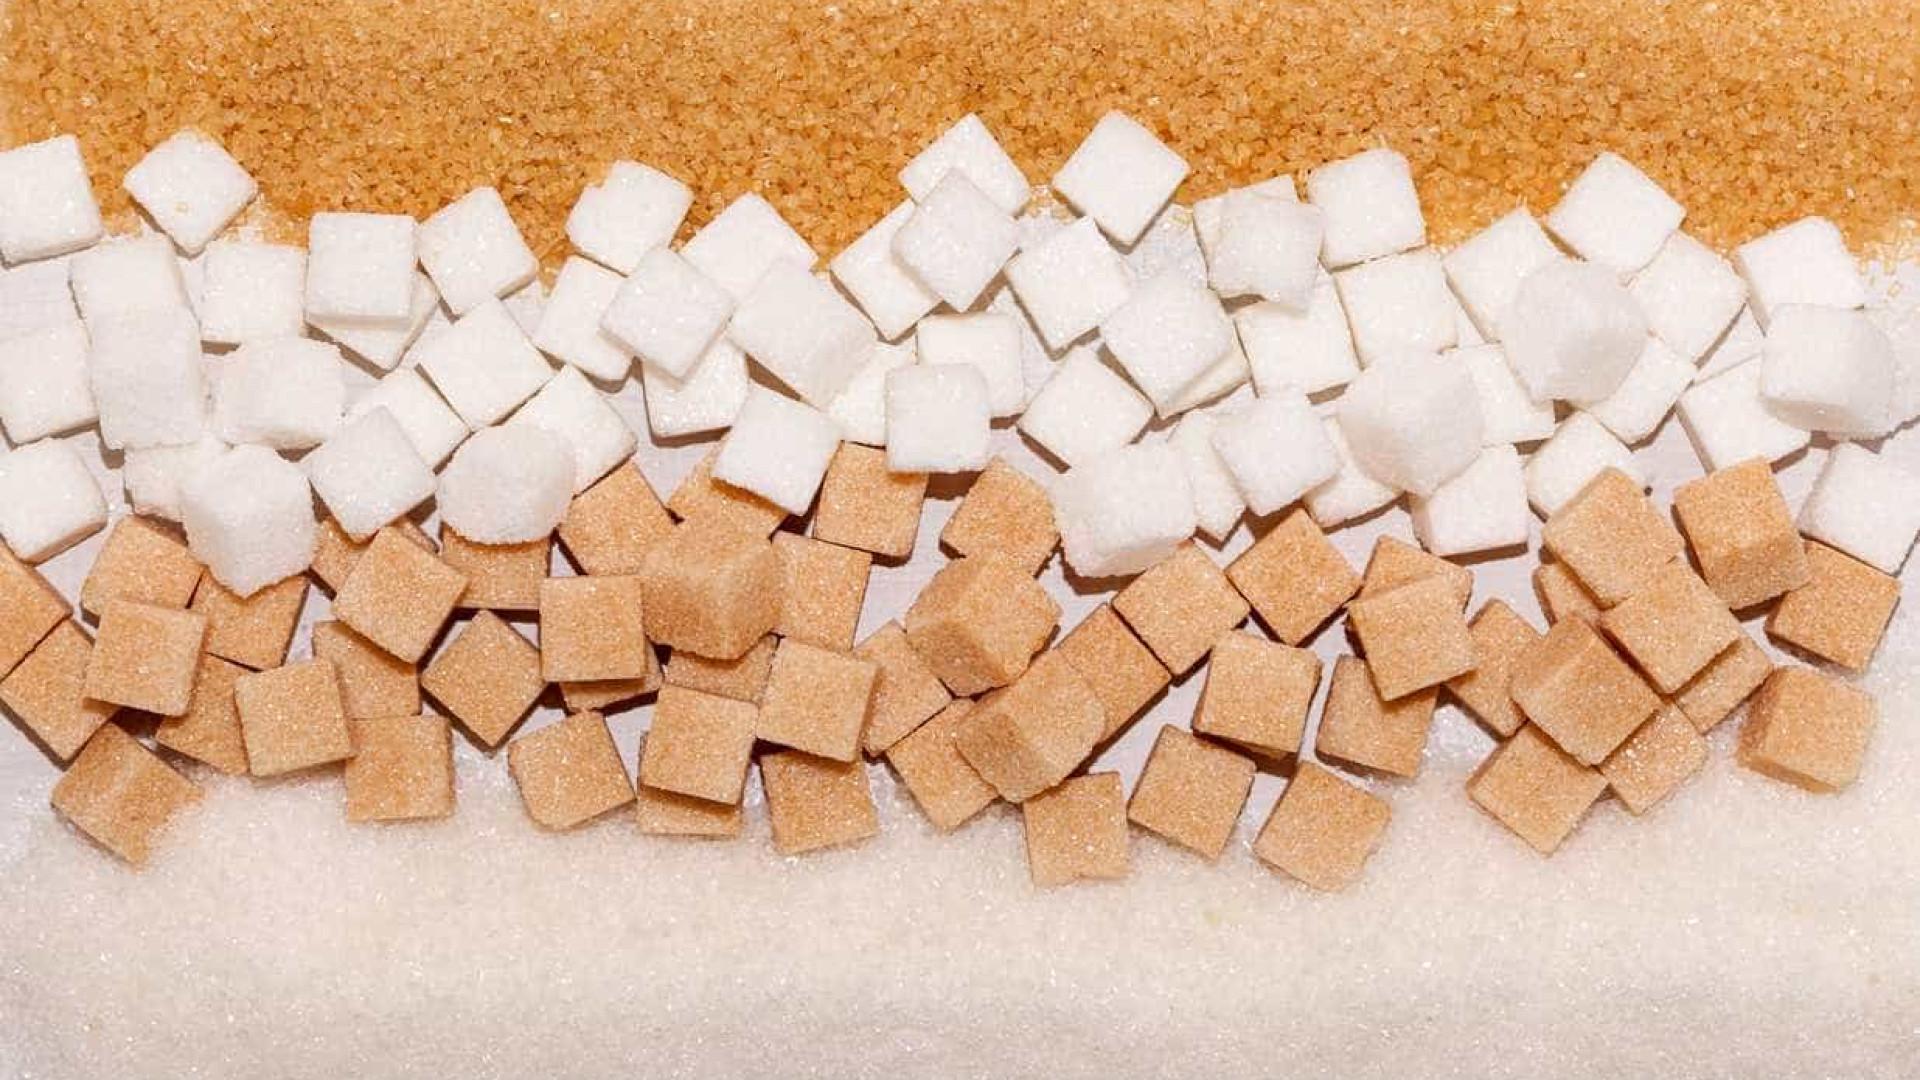 Você sabe qual açúcar é menos prejudicial à saúde? Confira